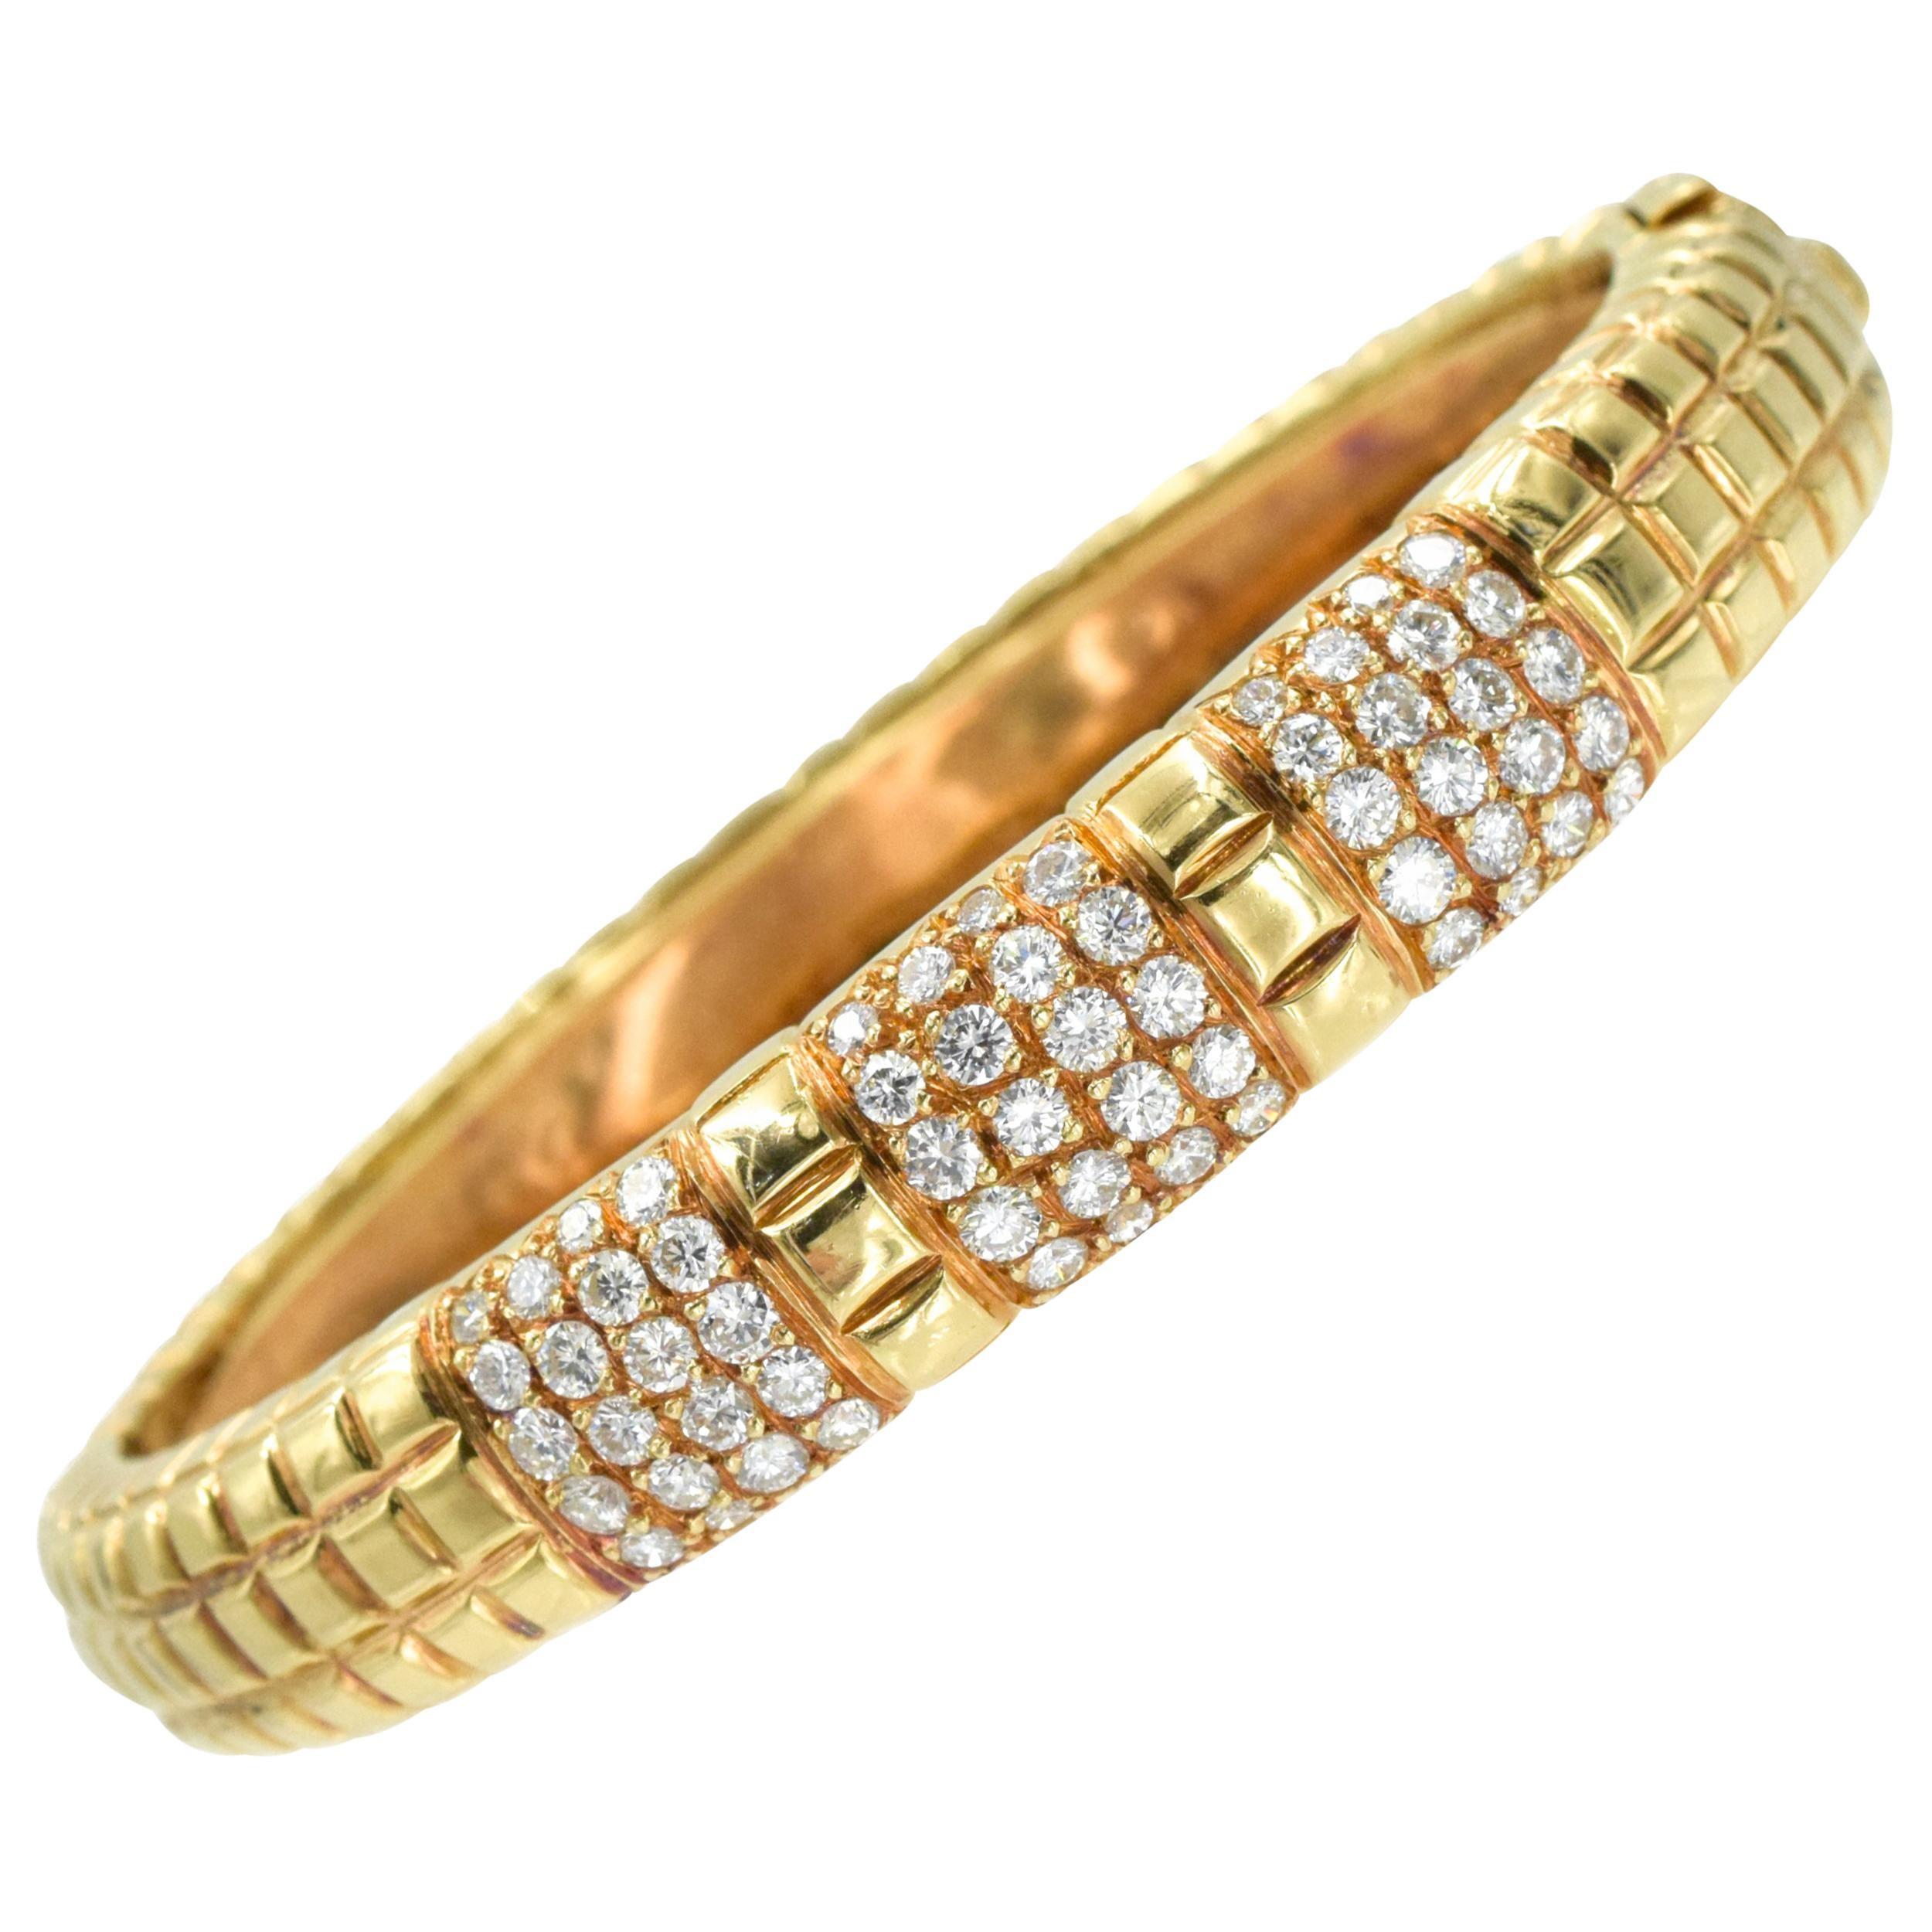 Van Cleef & Arpels Rose Gold and Diamond Bangle Bracelet, France